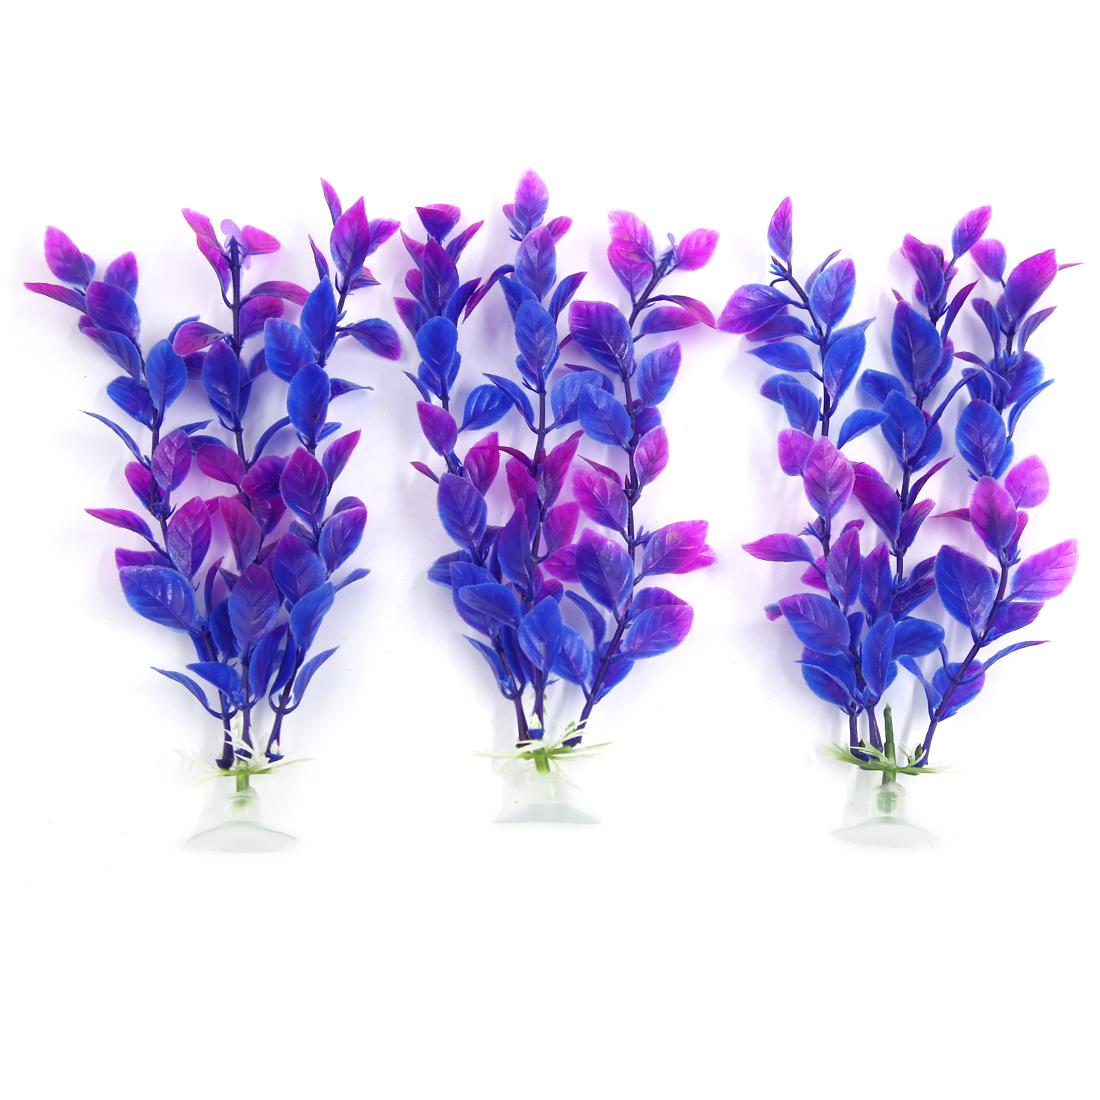 17cm High 3 PCS Purple Aquarium Decor Aqua Landscape Plastic Plant Suction Cup